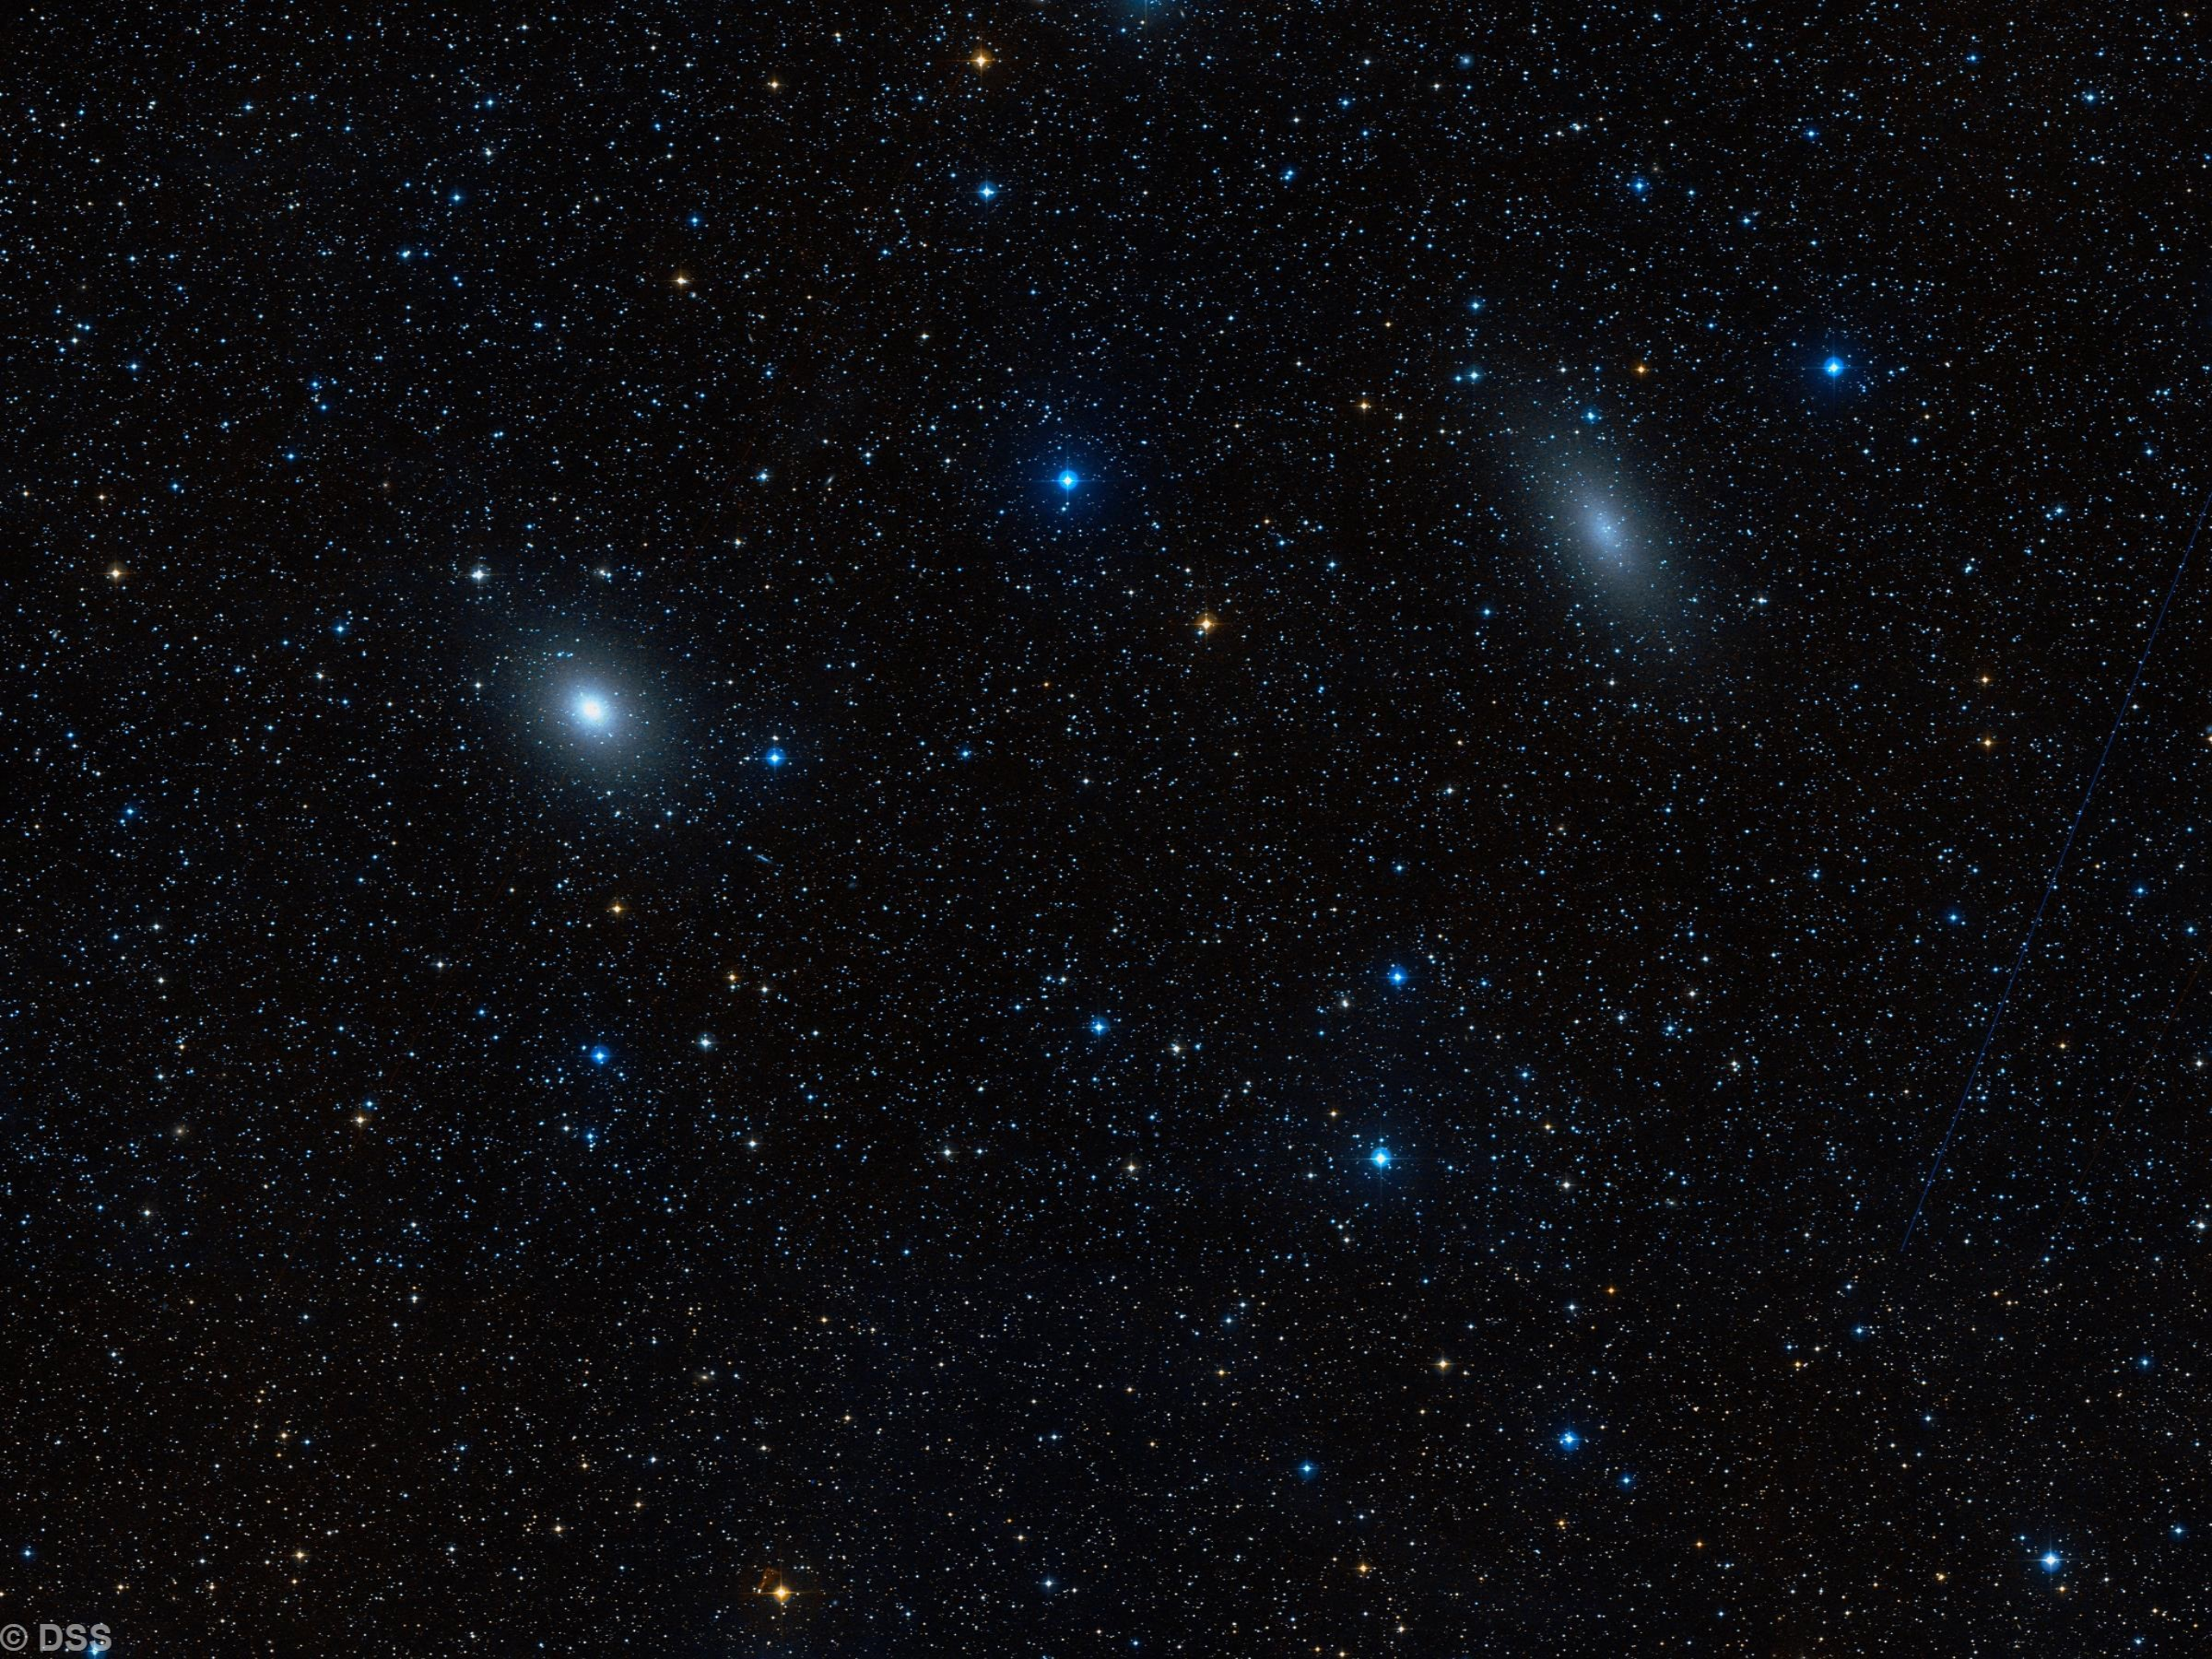 NGC 147 & NGC 185